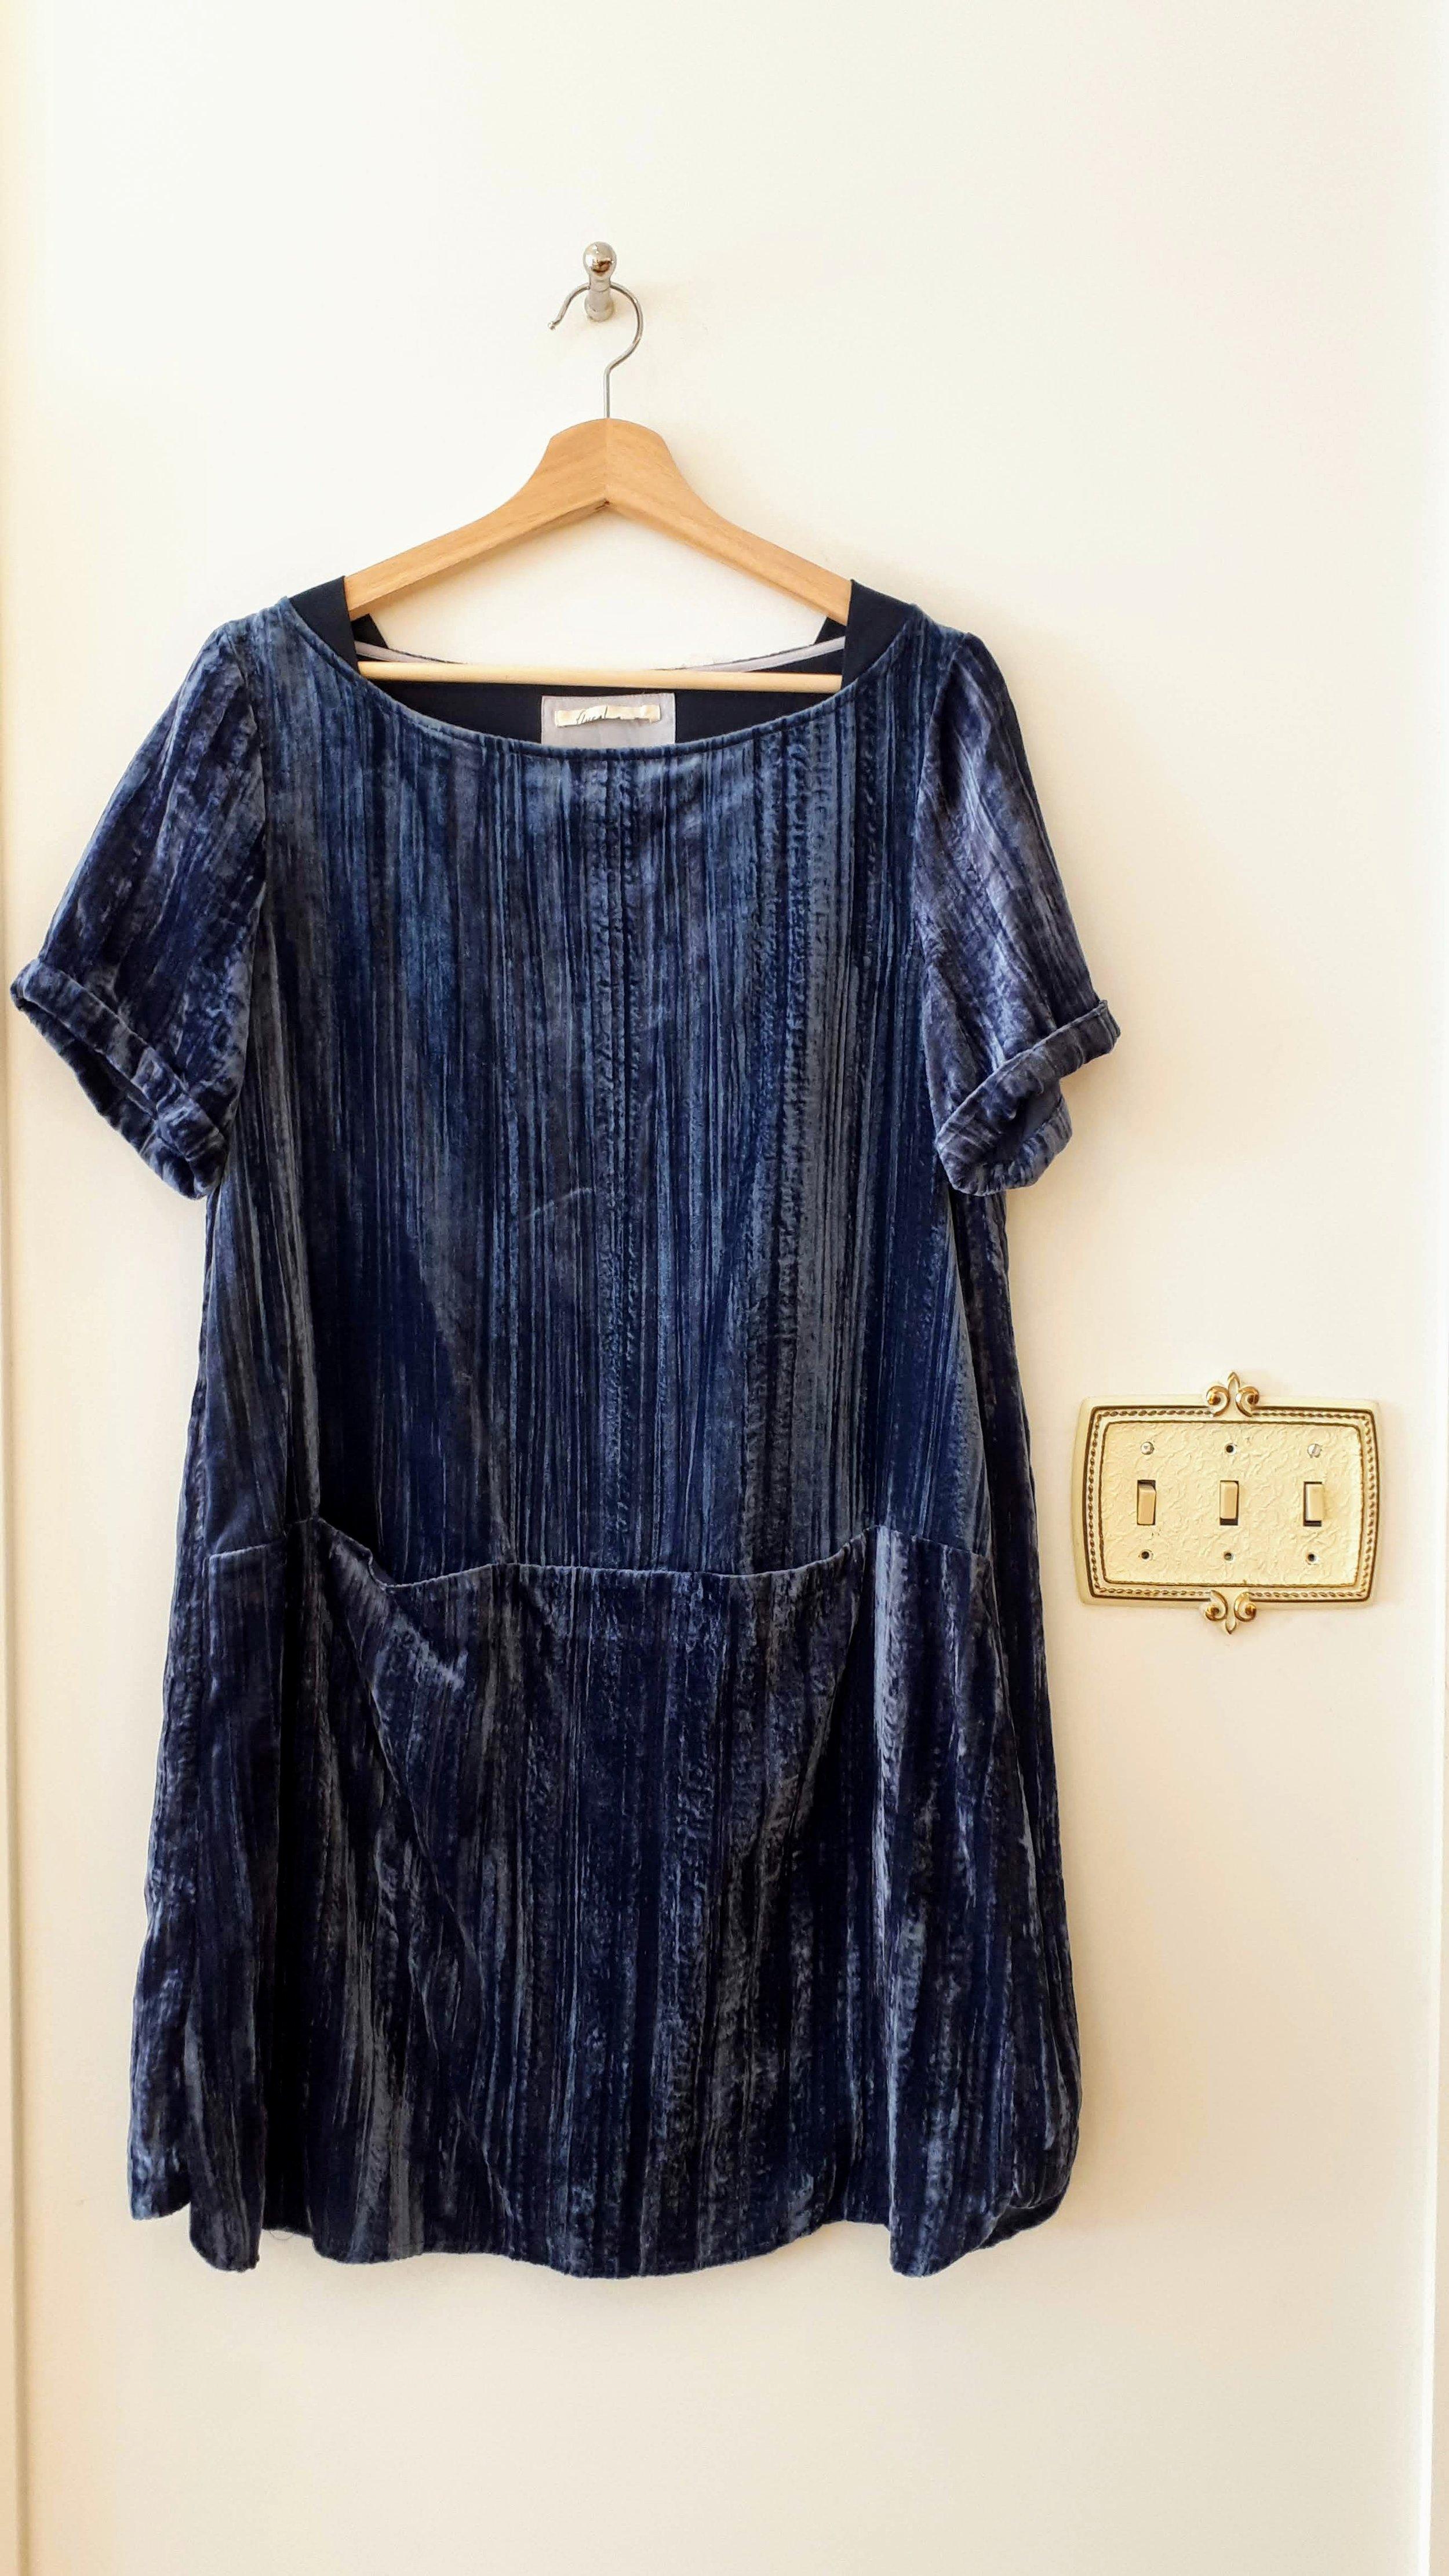 Floreat dress; Size M, $42